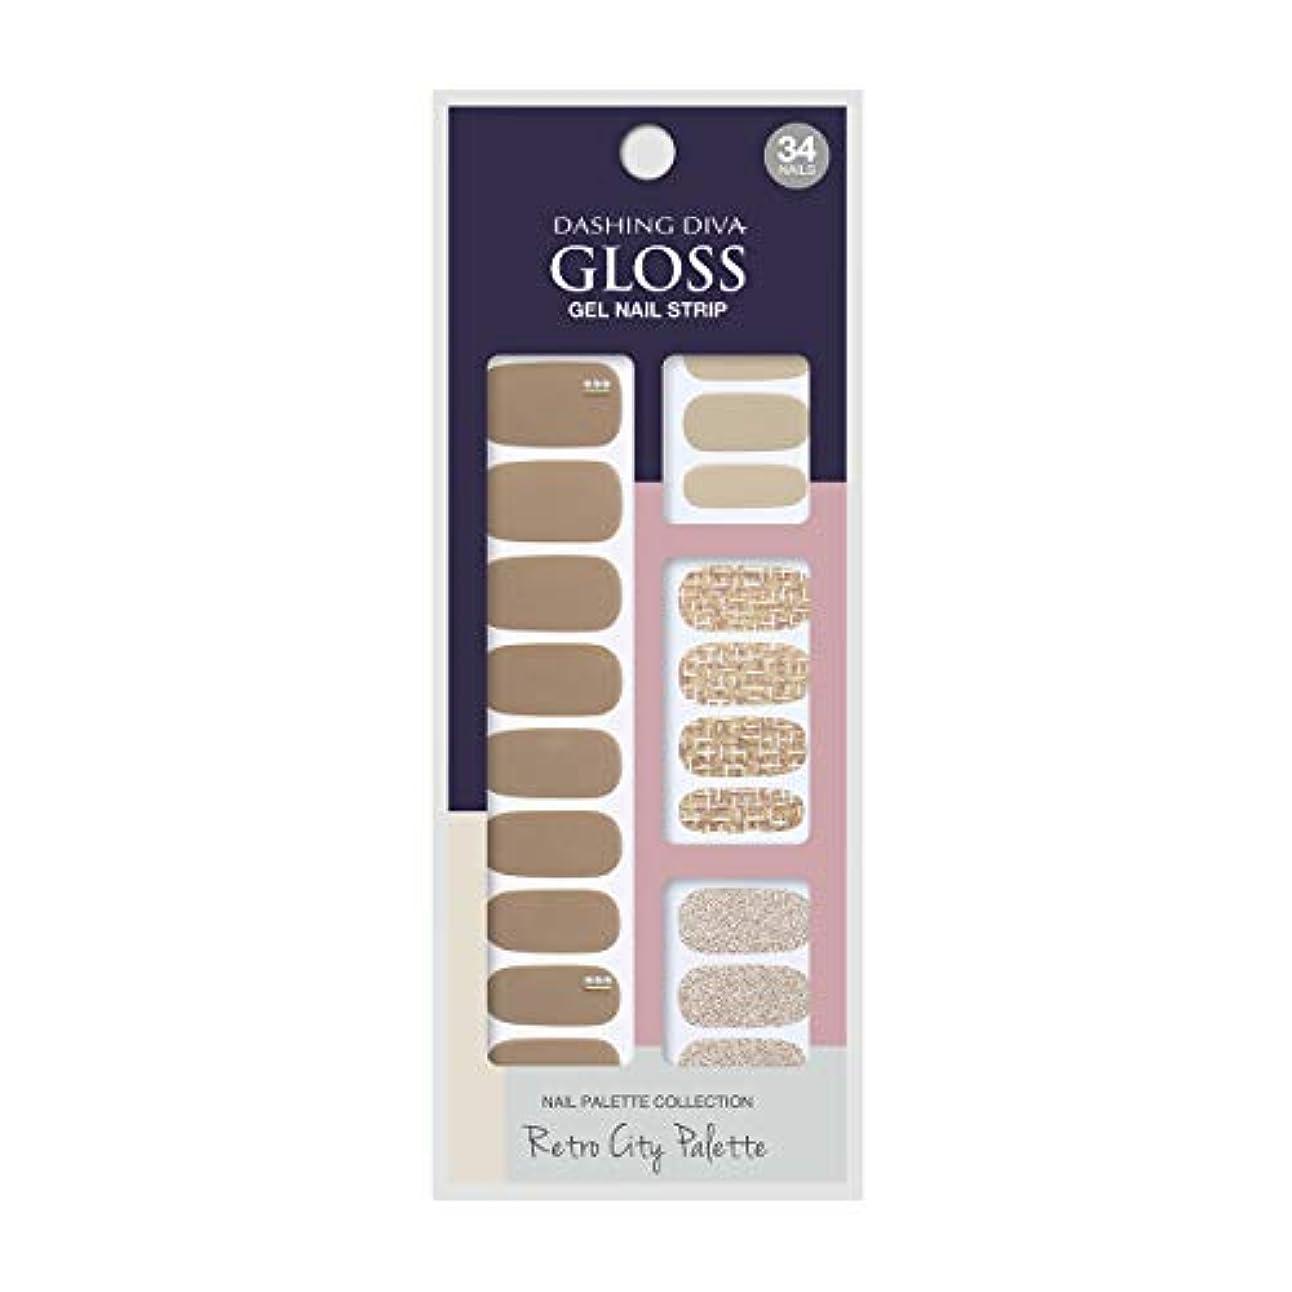 ペインギリック写真撮影穿孔するダッシングディバ グロスジェル ネイルストリップ DASHING DIVA Gloss Gel Nail Strip GVP85 -DURY+ オリジナルジェル ネイルシール Tailor Shop